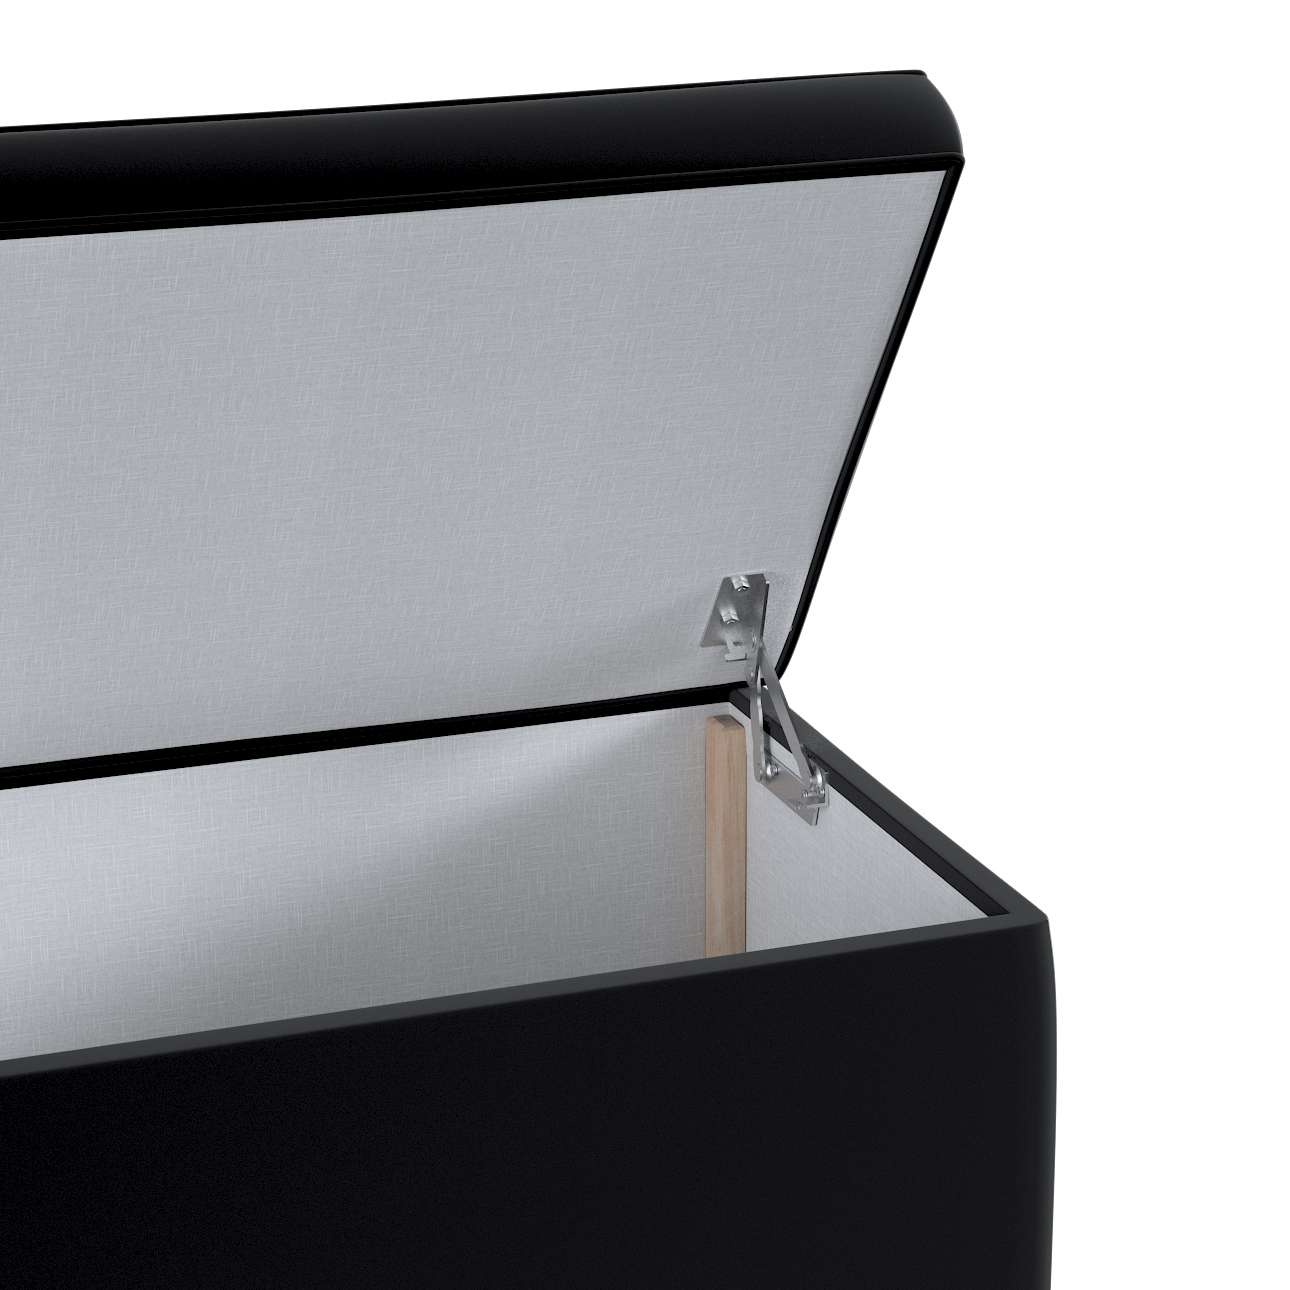 Čalouněná skříň s volbou látky - 2 velikosti v kolekci Velvet, látka: 704-17